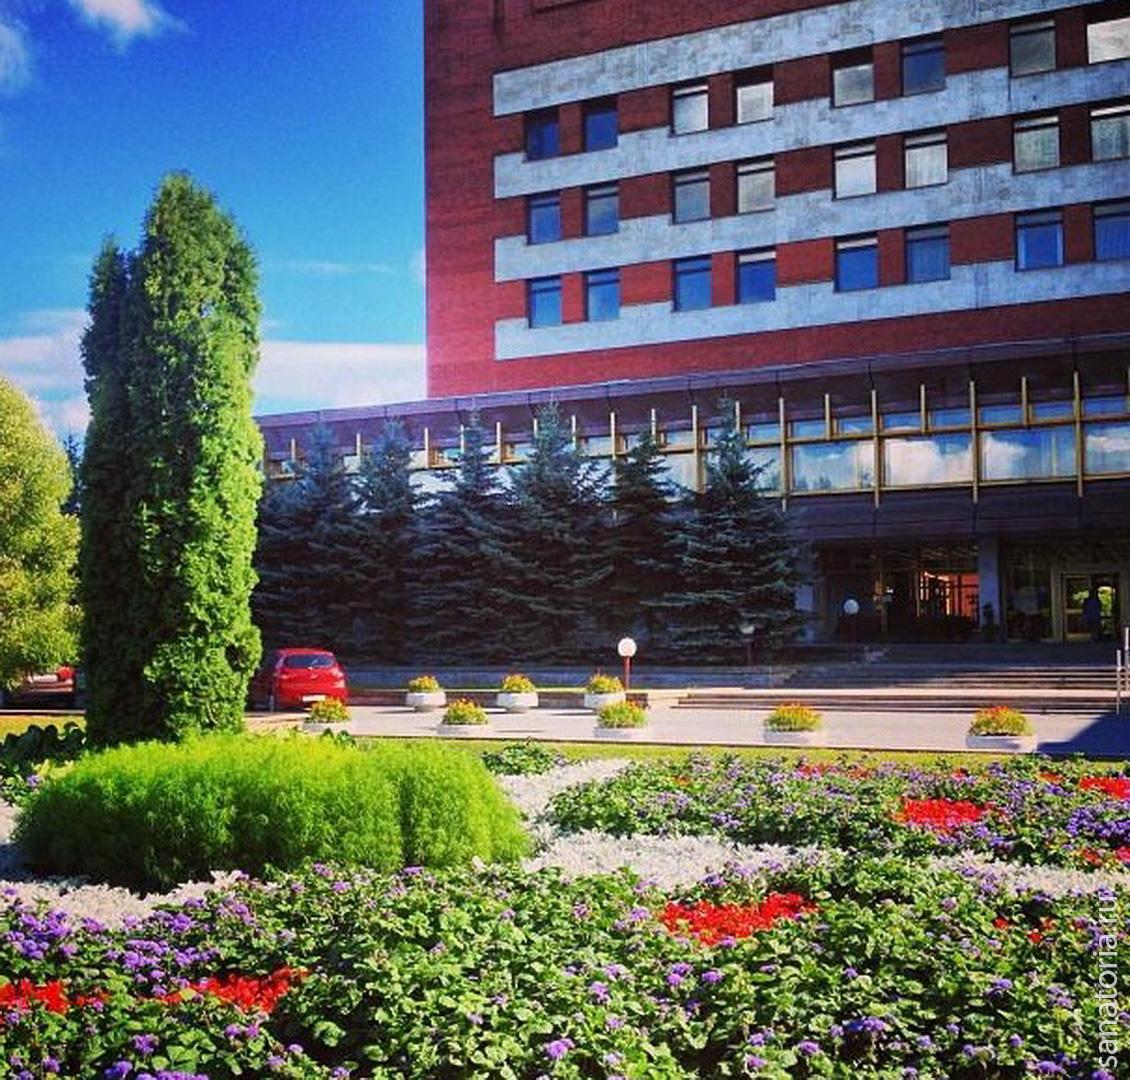 Санаторий «Белые ночи» (Санкт-Петербург) - отзывы, цены, сайт, адрес ... 7535e2de868